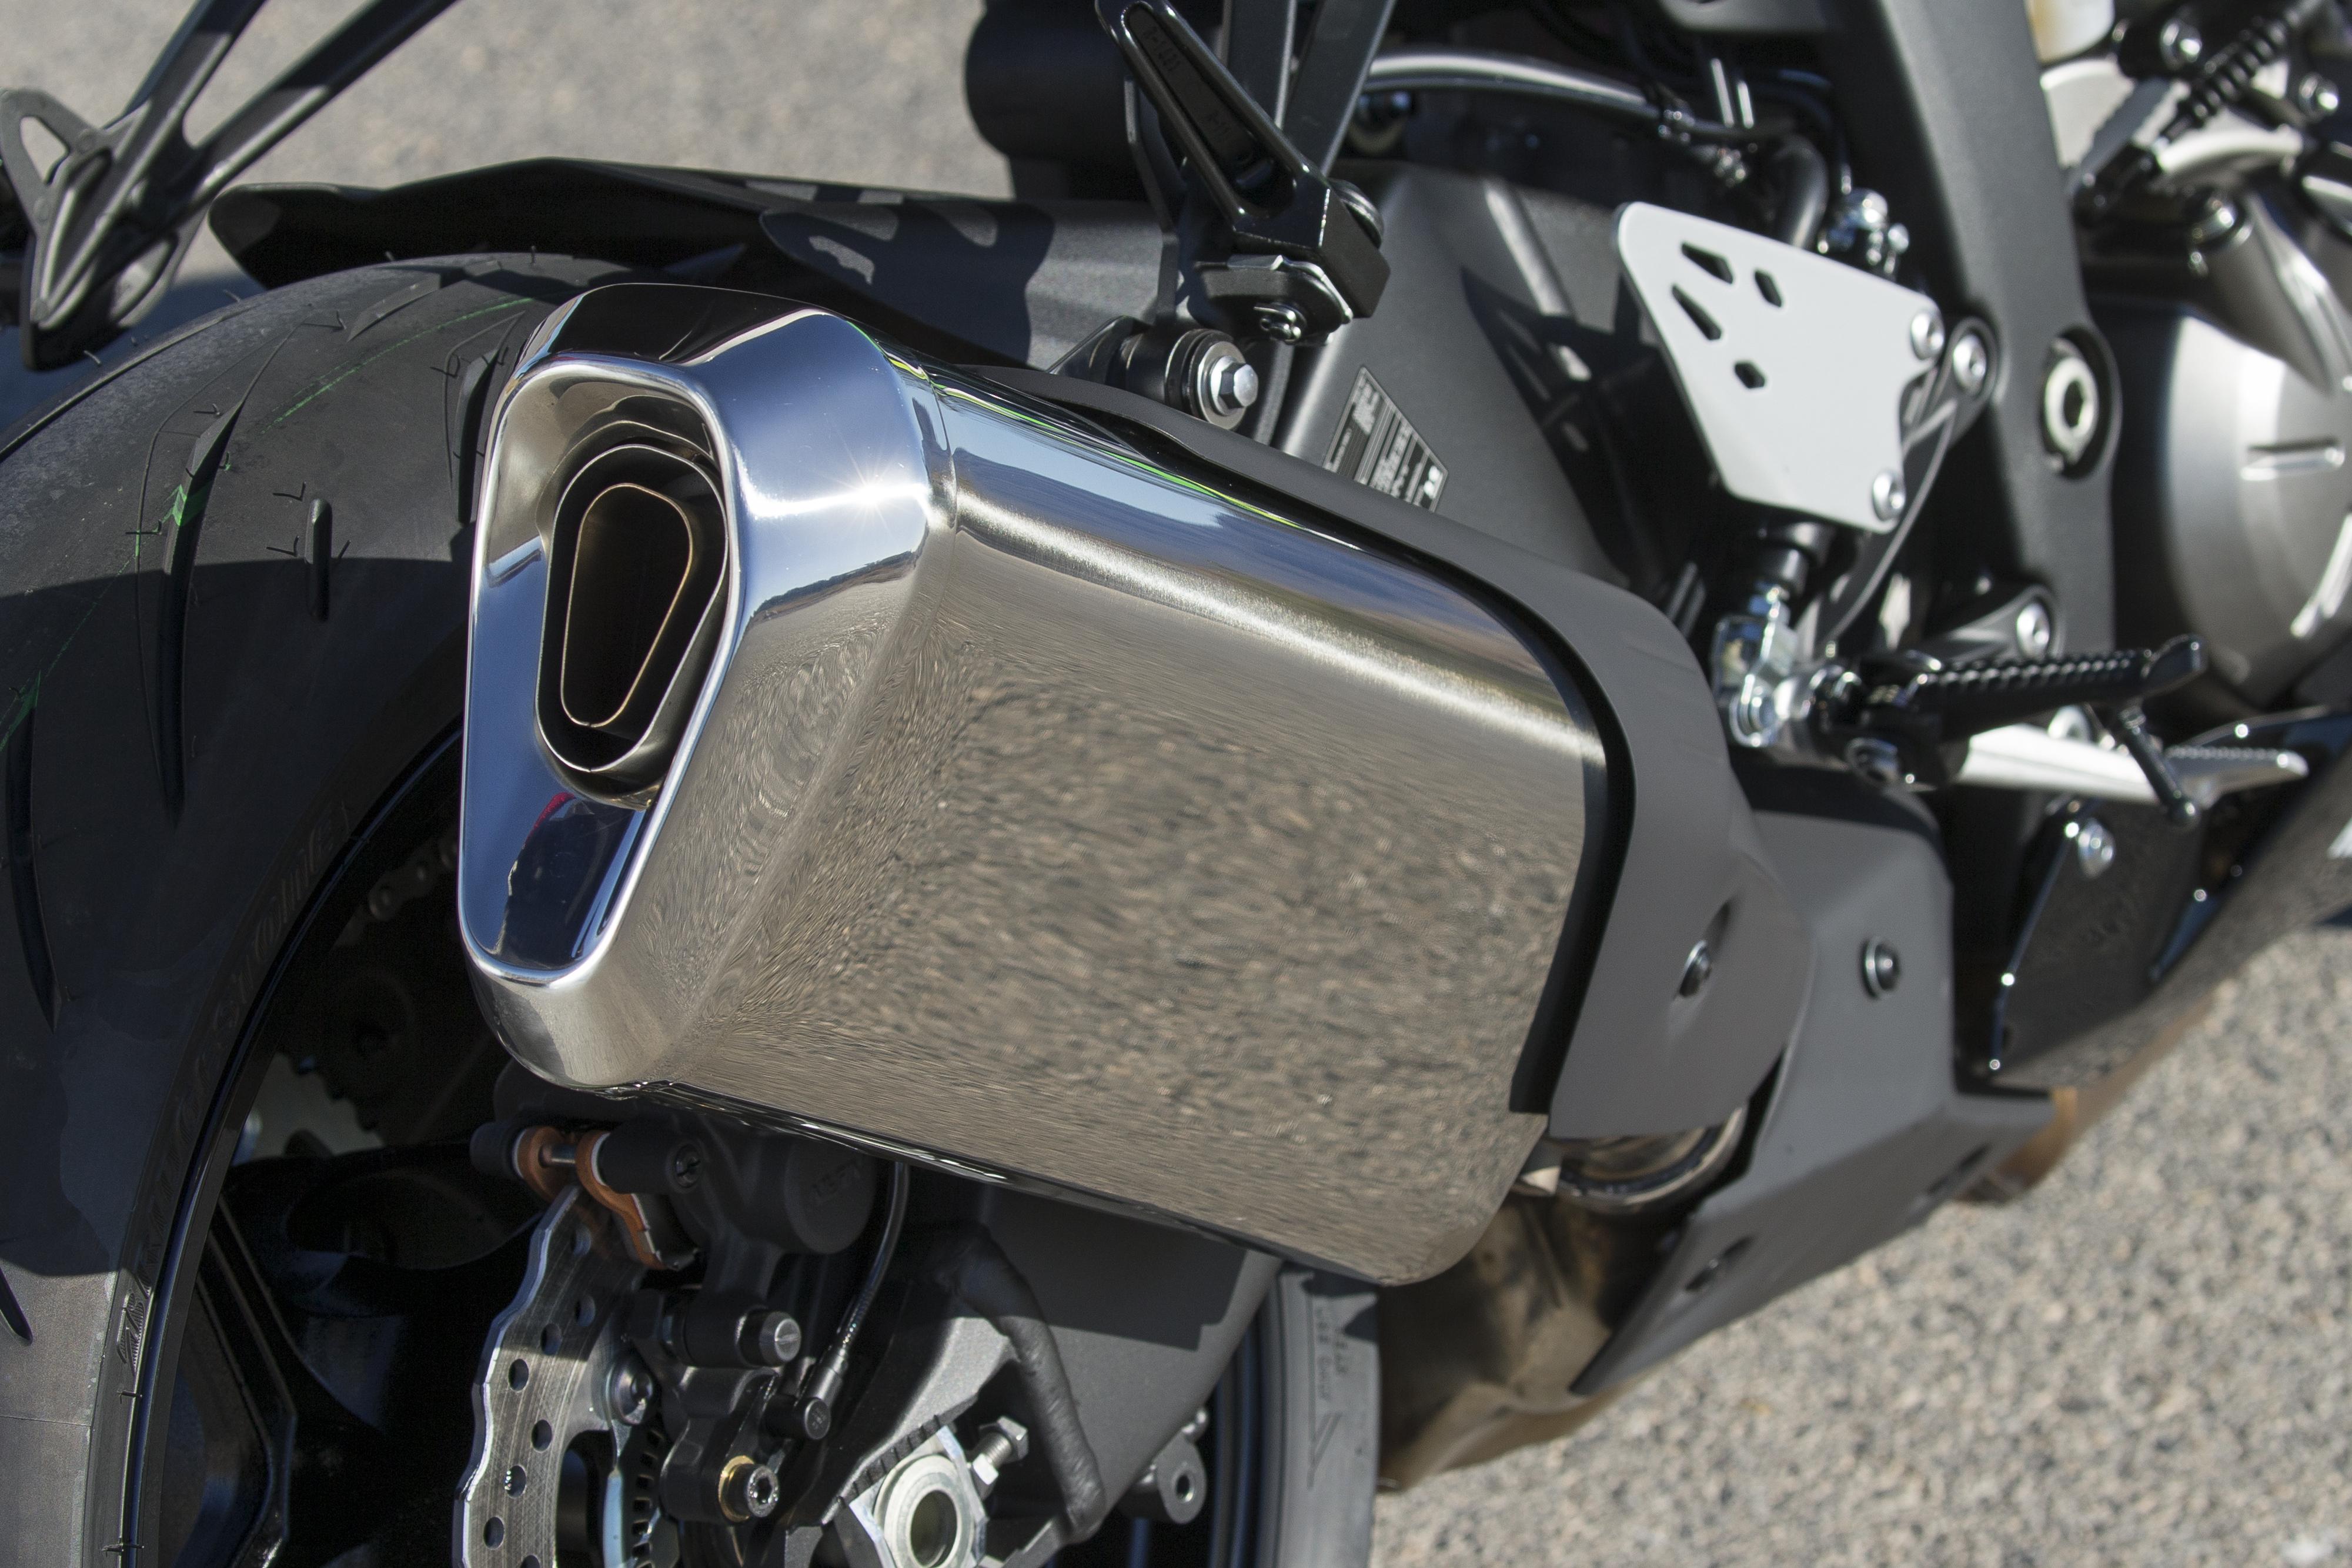 2019 Kawasaki Ninja ZX-6R first ride motorcycle review